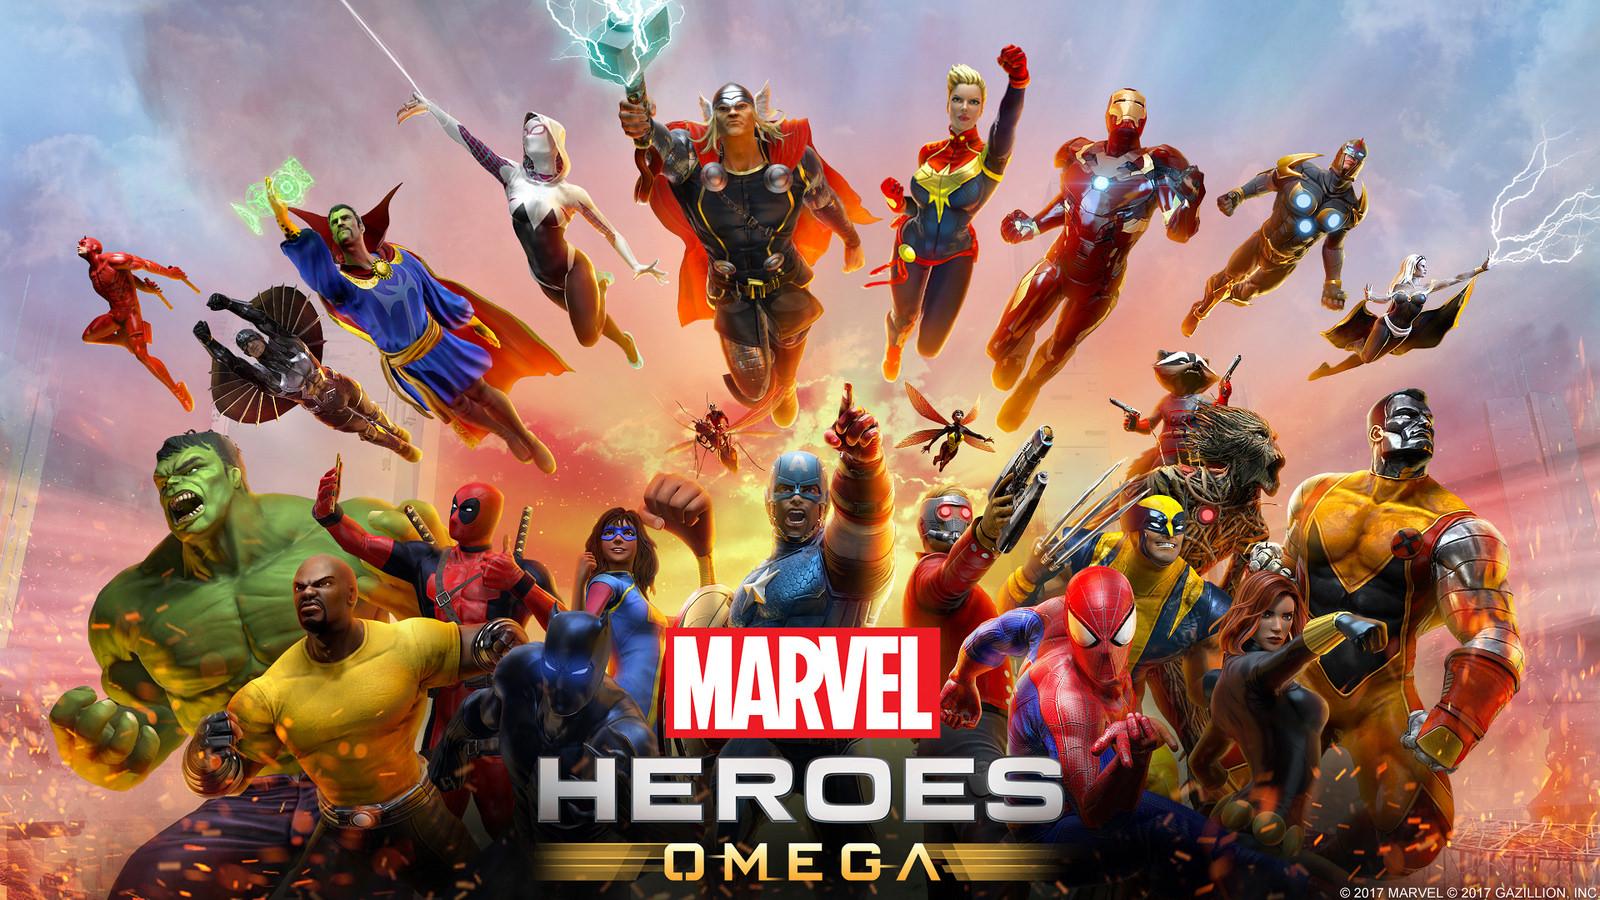 Marvel Heroes Omega llegará a las consolas esta primavera